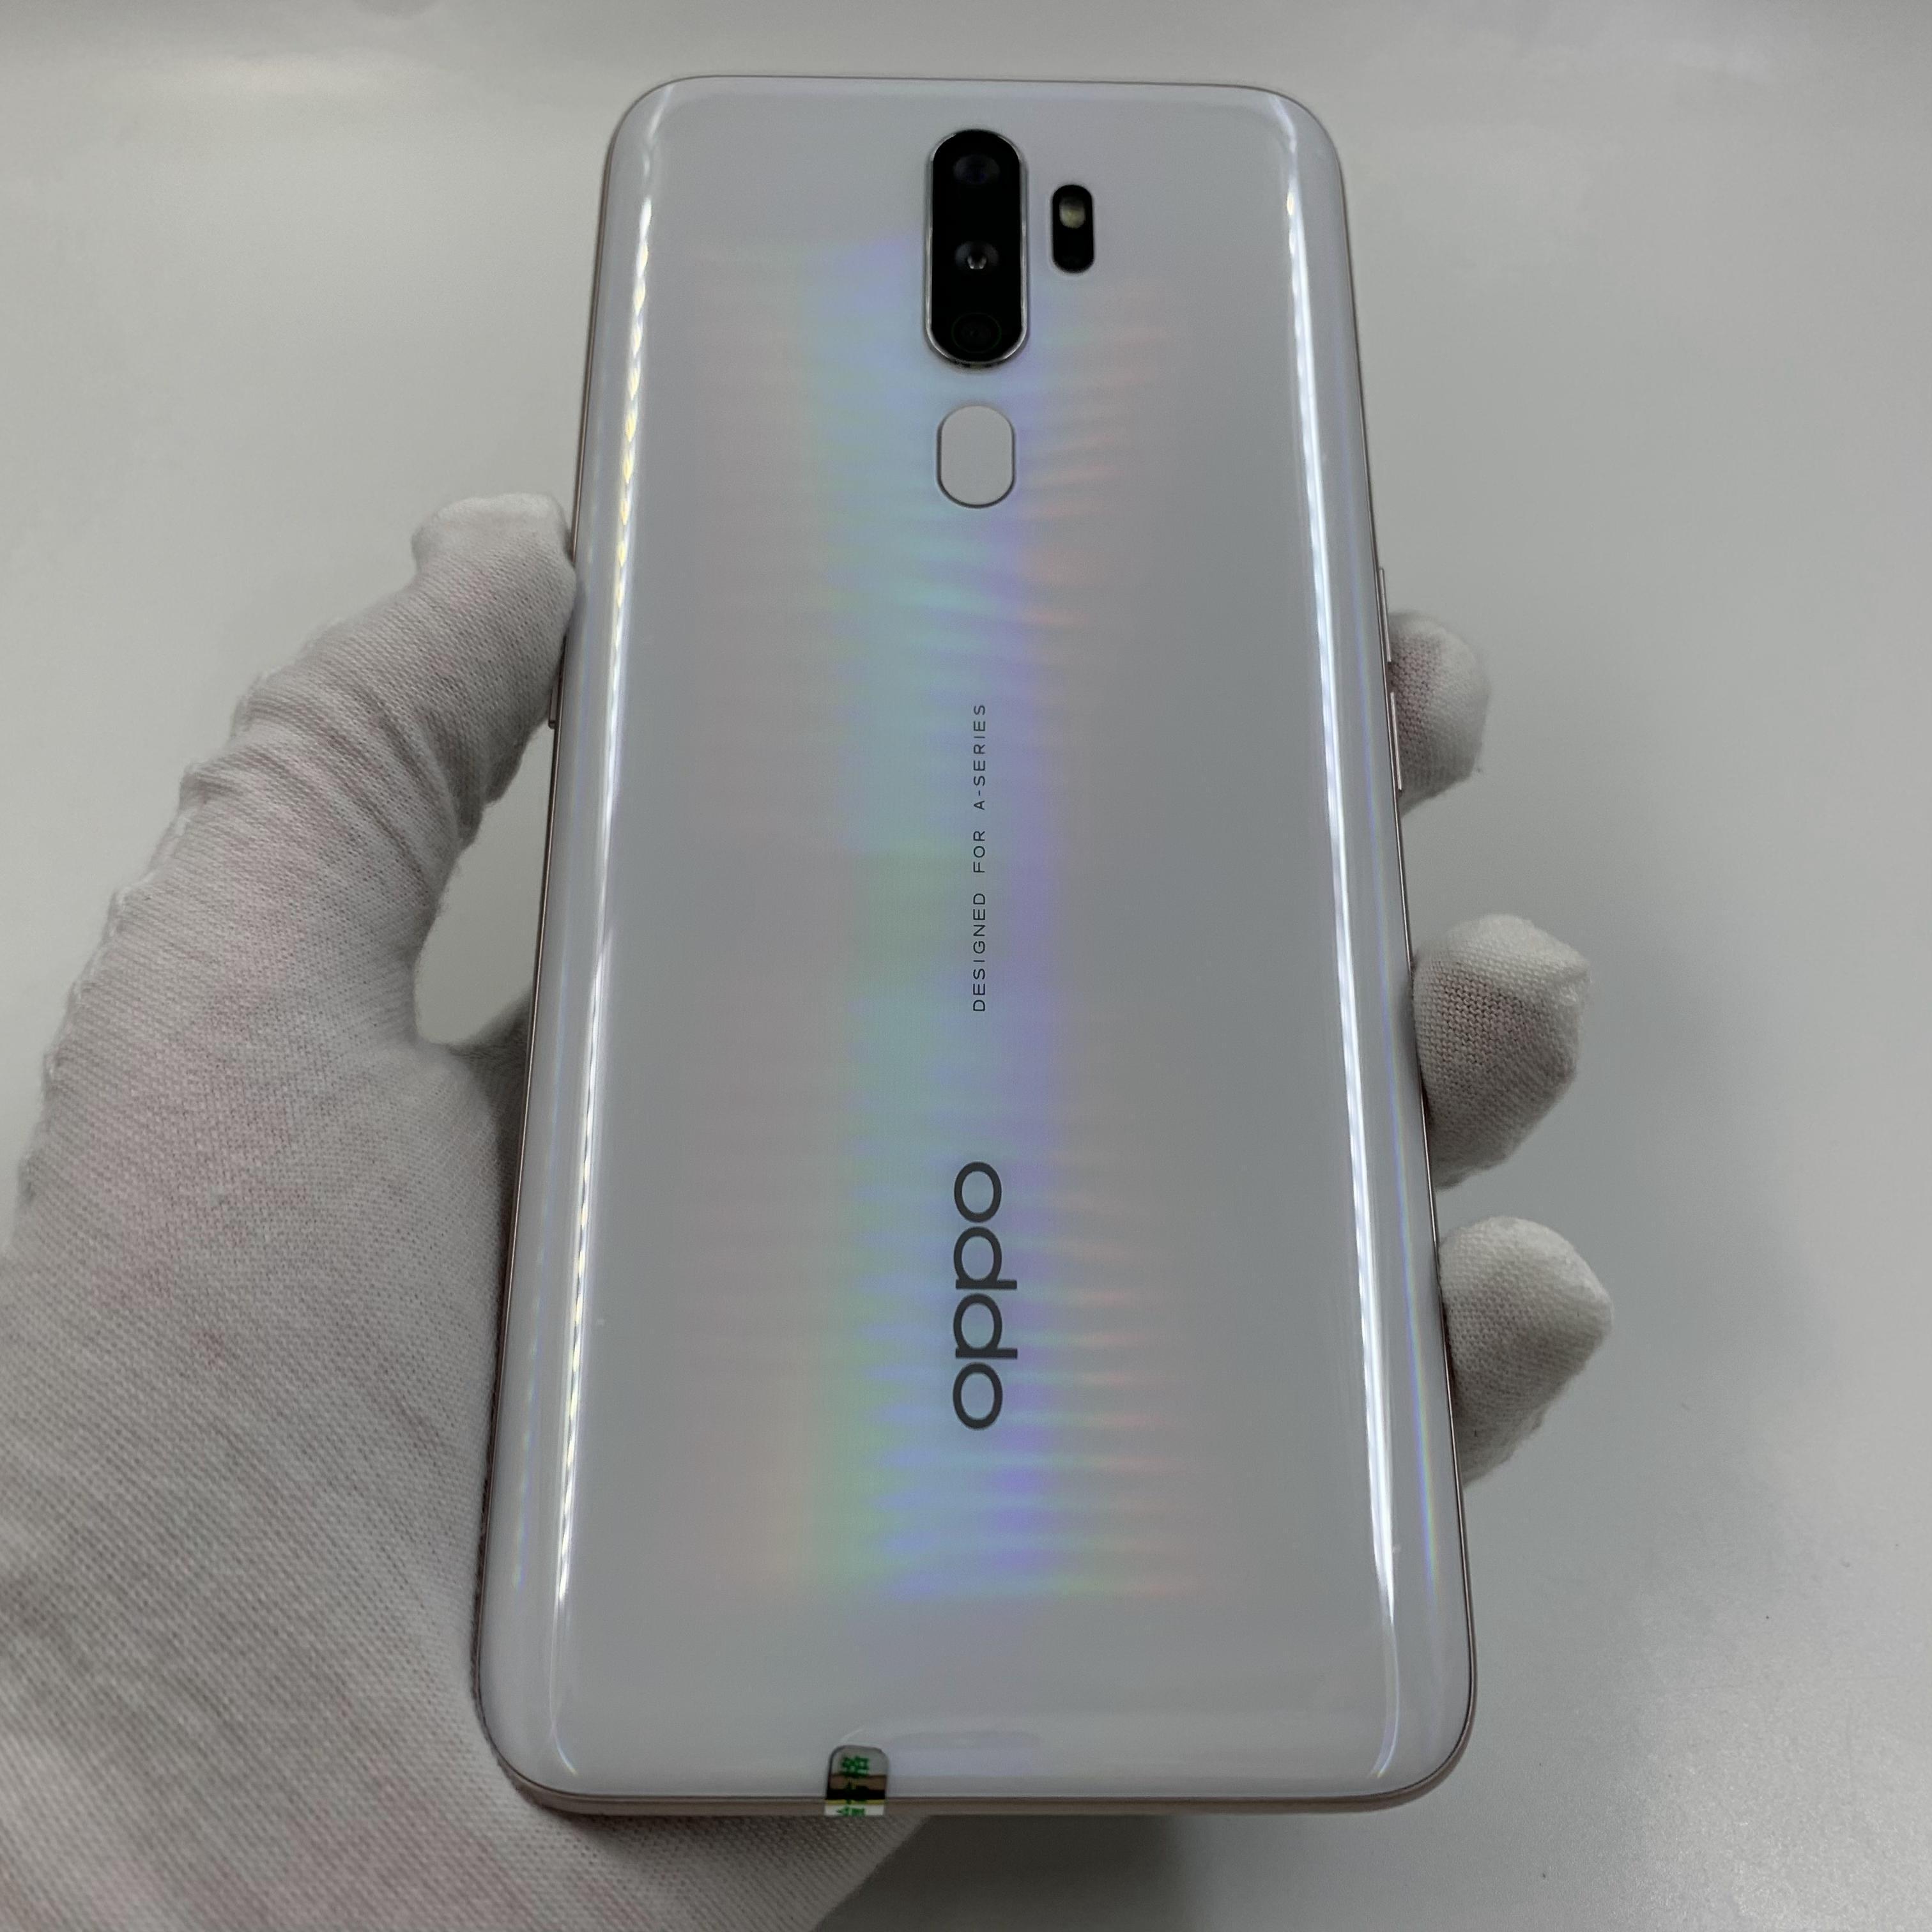 oppo【A11(2019版)】4G全网通 白色 4G/128G 国行 95新 真机实拍